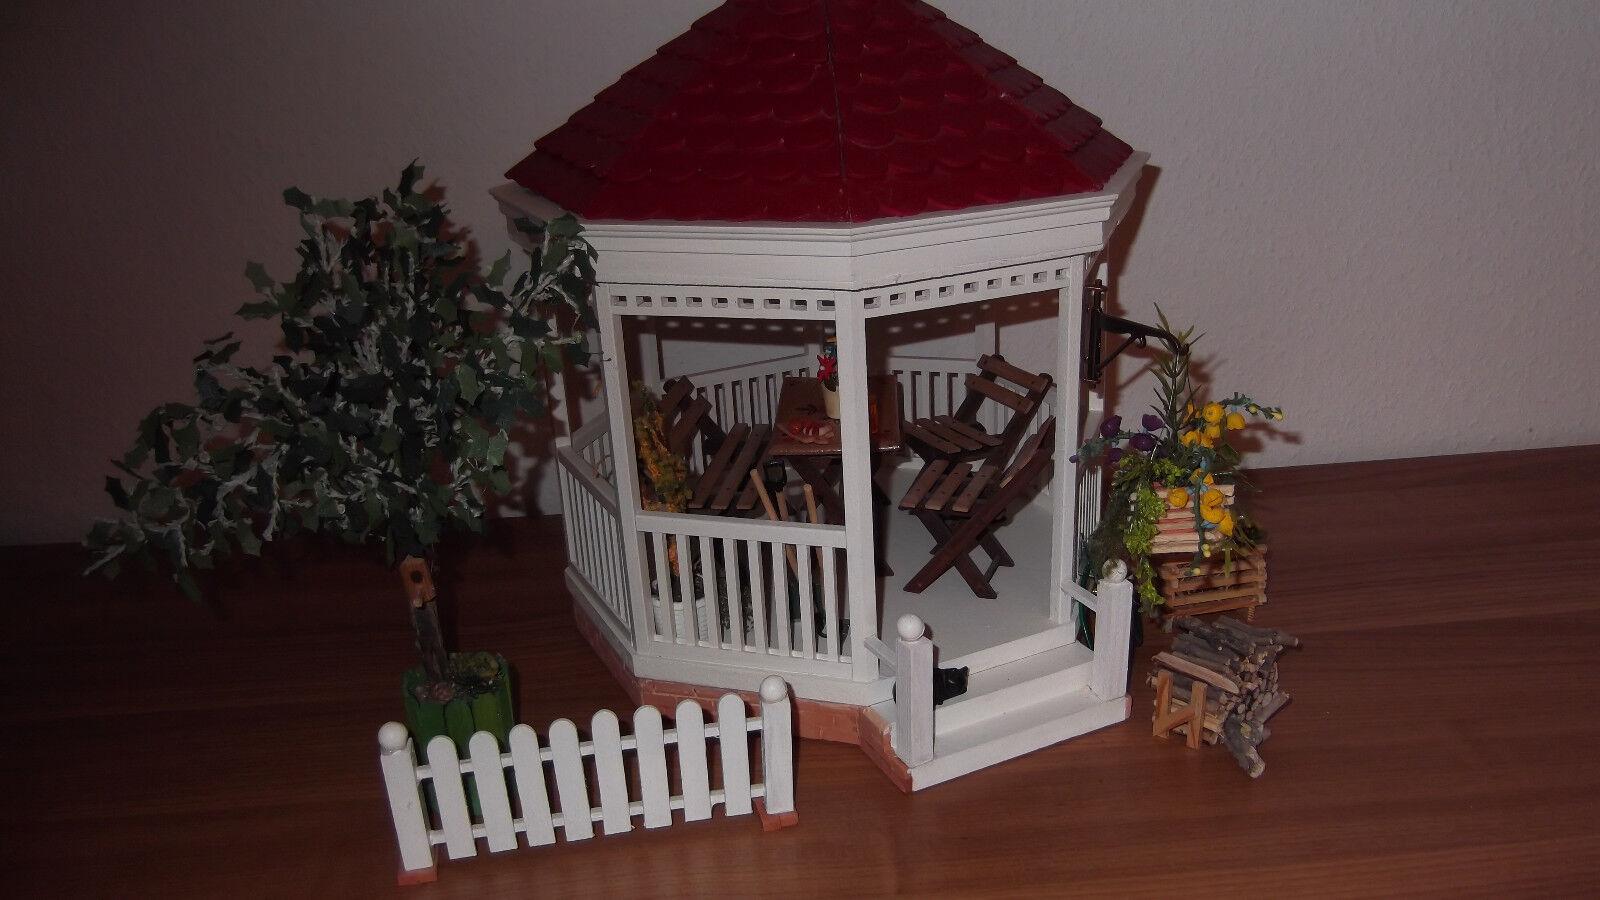 Dolls Dolls Dolls House Gartenpavilion Maßstab 1 12 selbst gebaut mit Zubehör e895ca